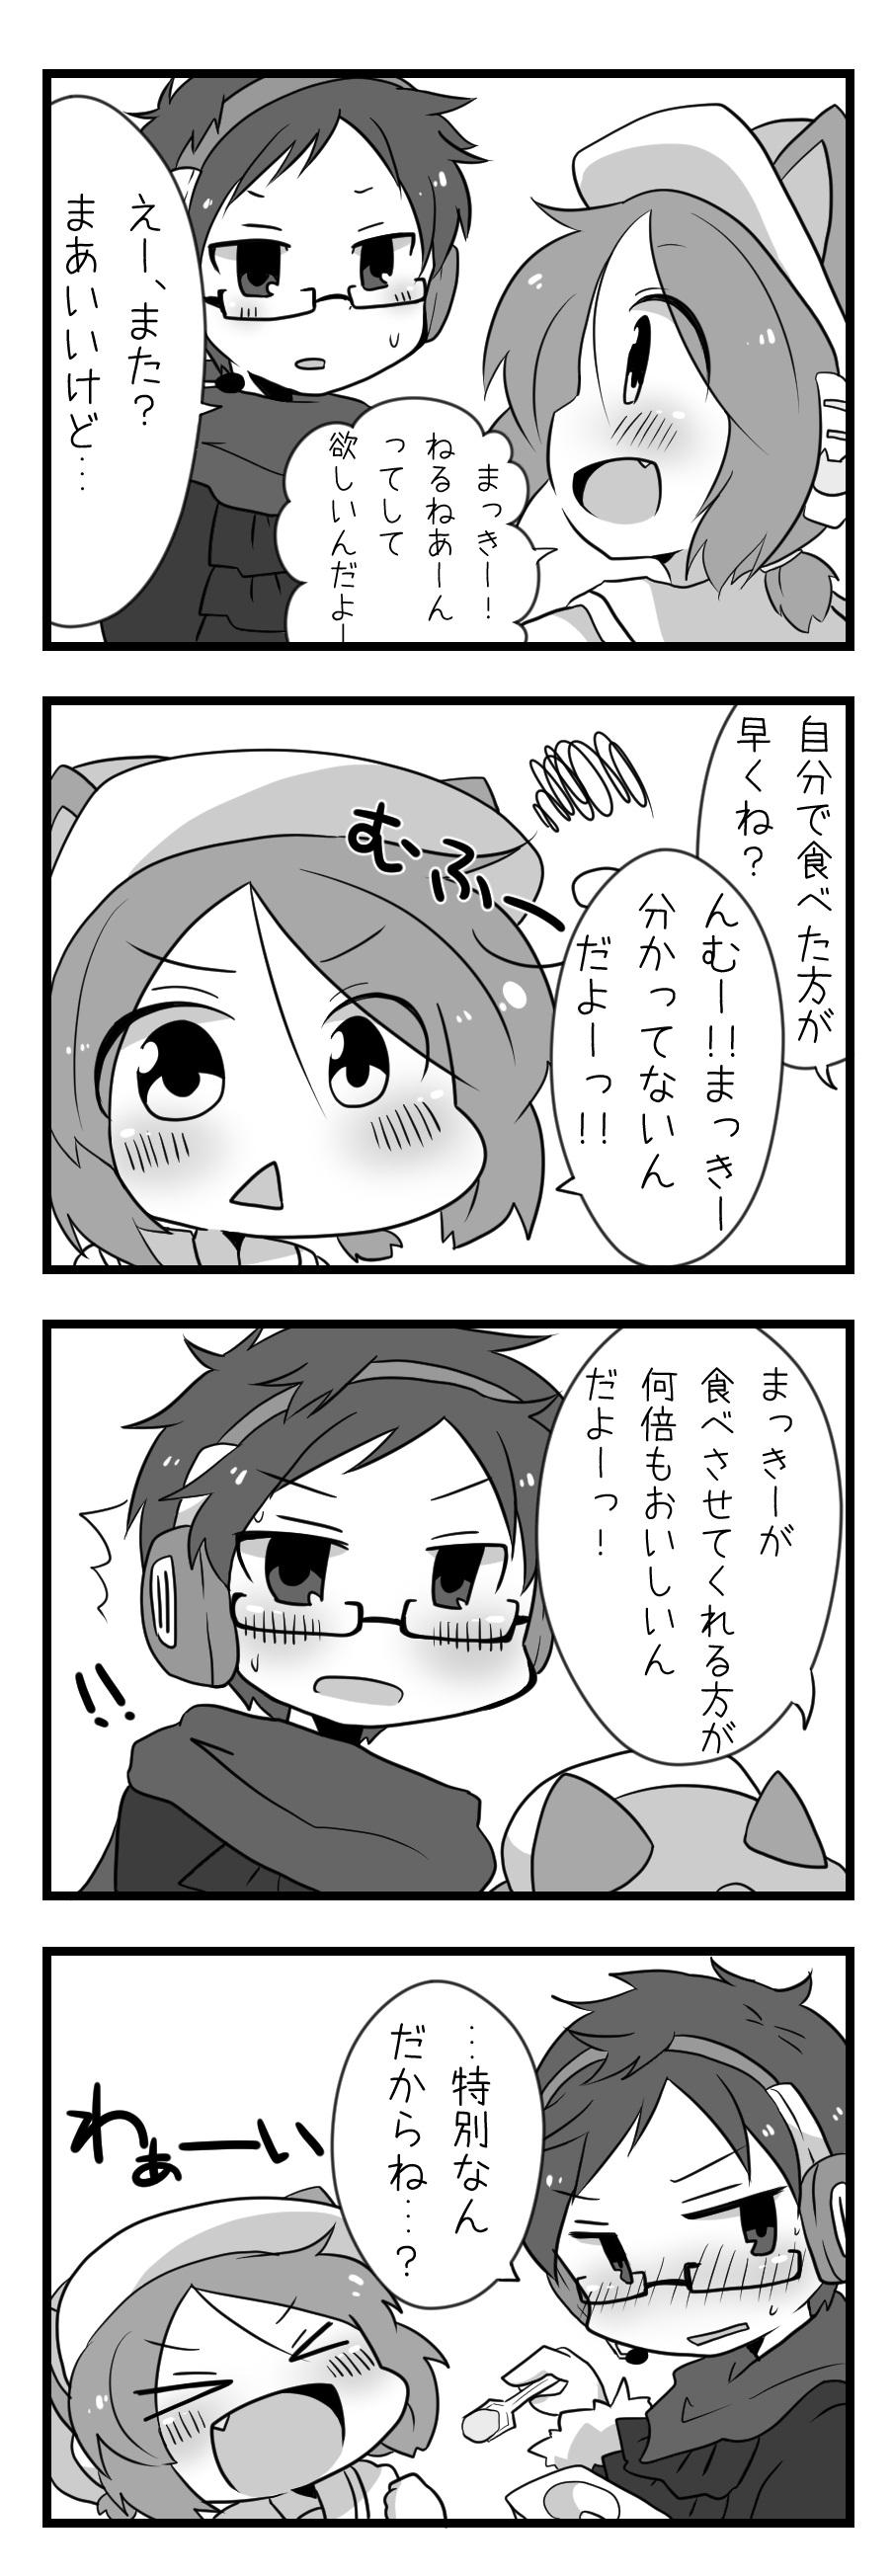 makizumomanga.jpg